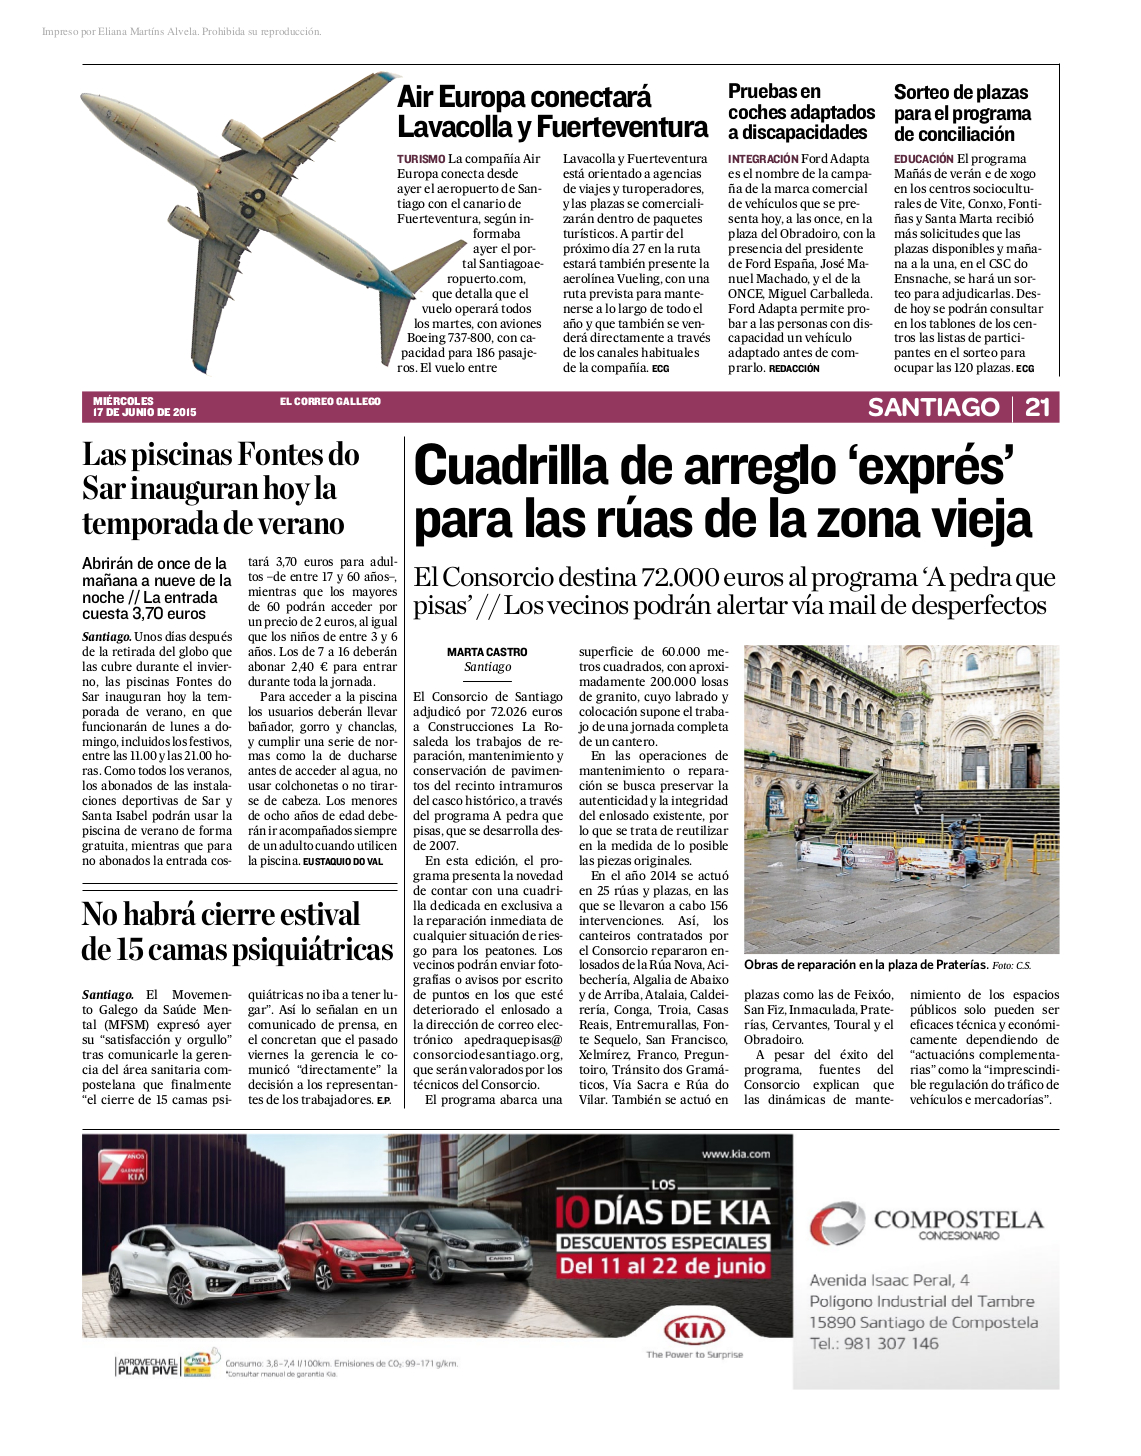 El Correo Gallego: Non haberá peche de camas estival